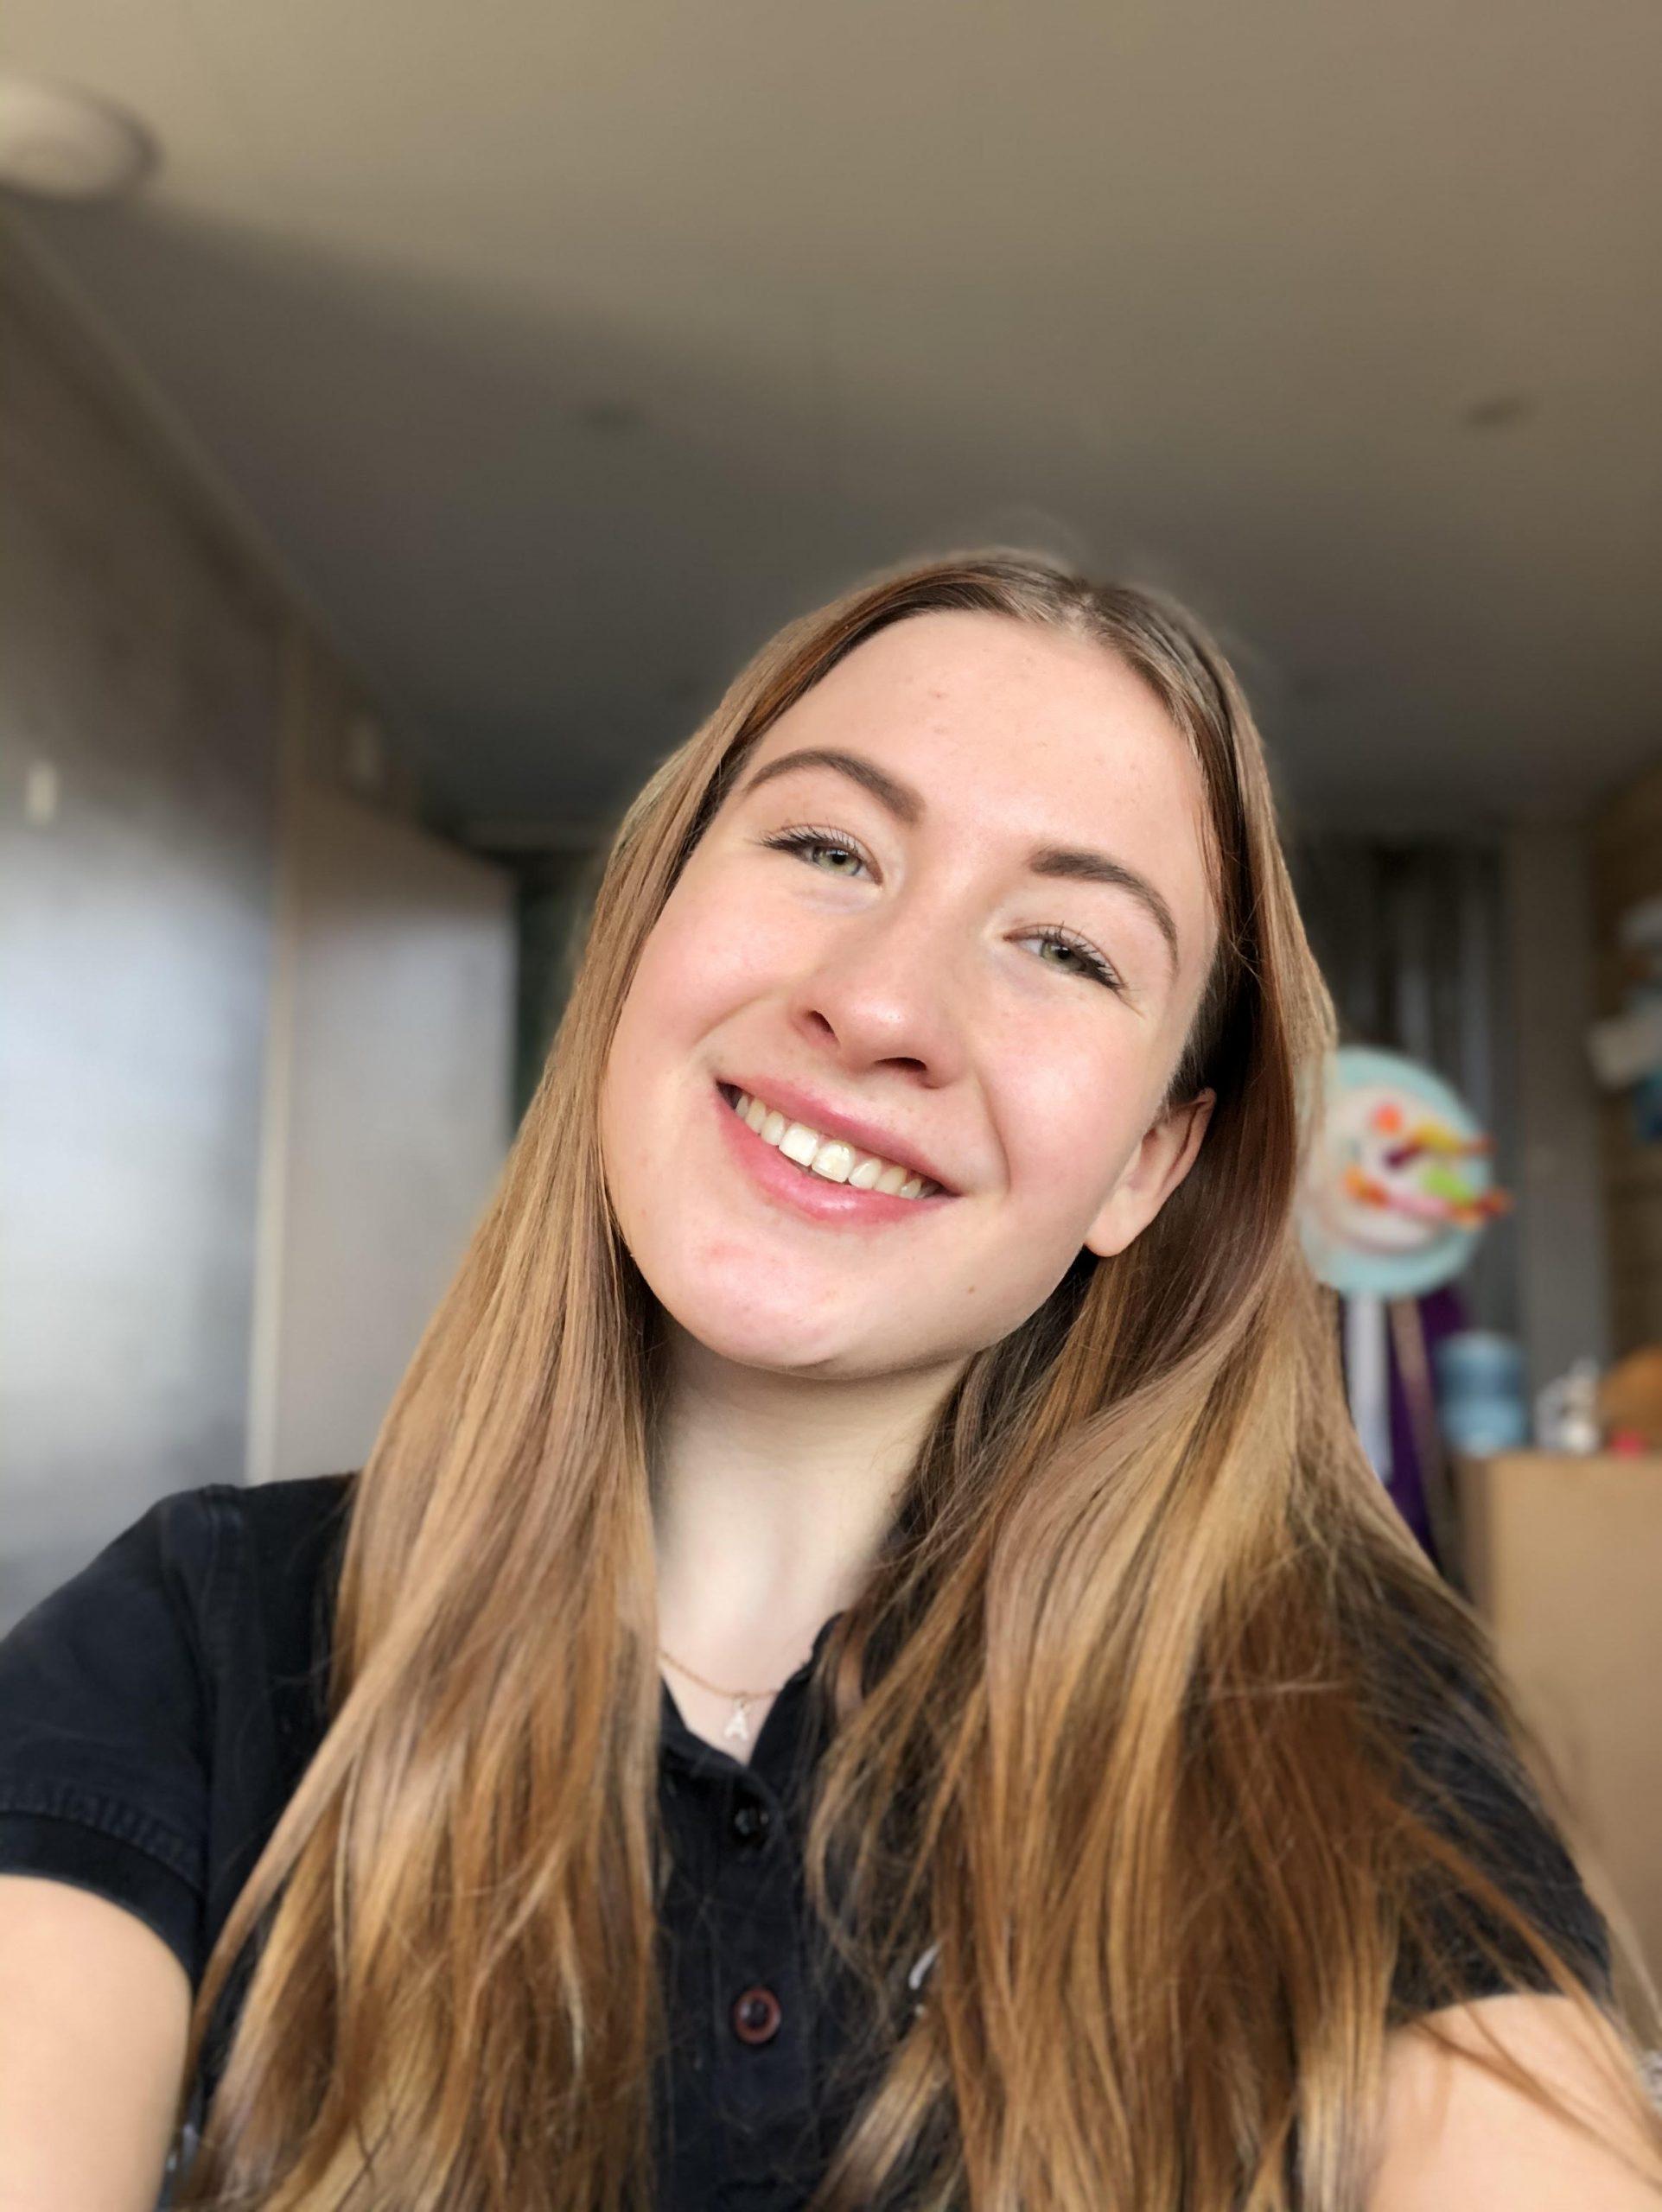 Alyssa Edelbroek